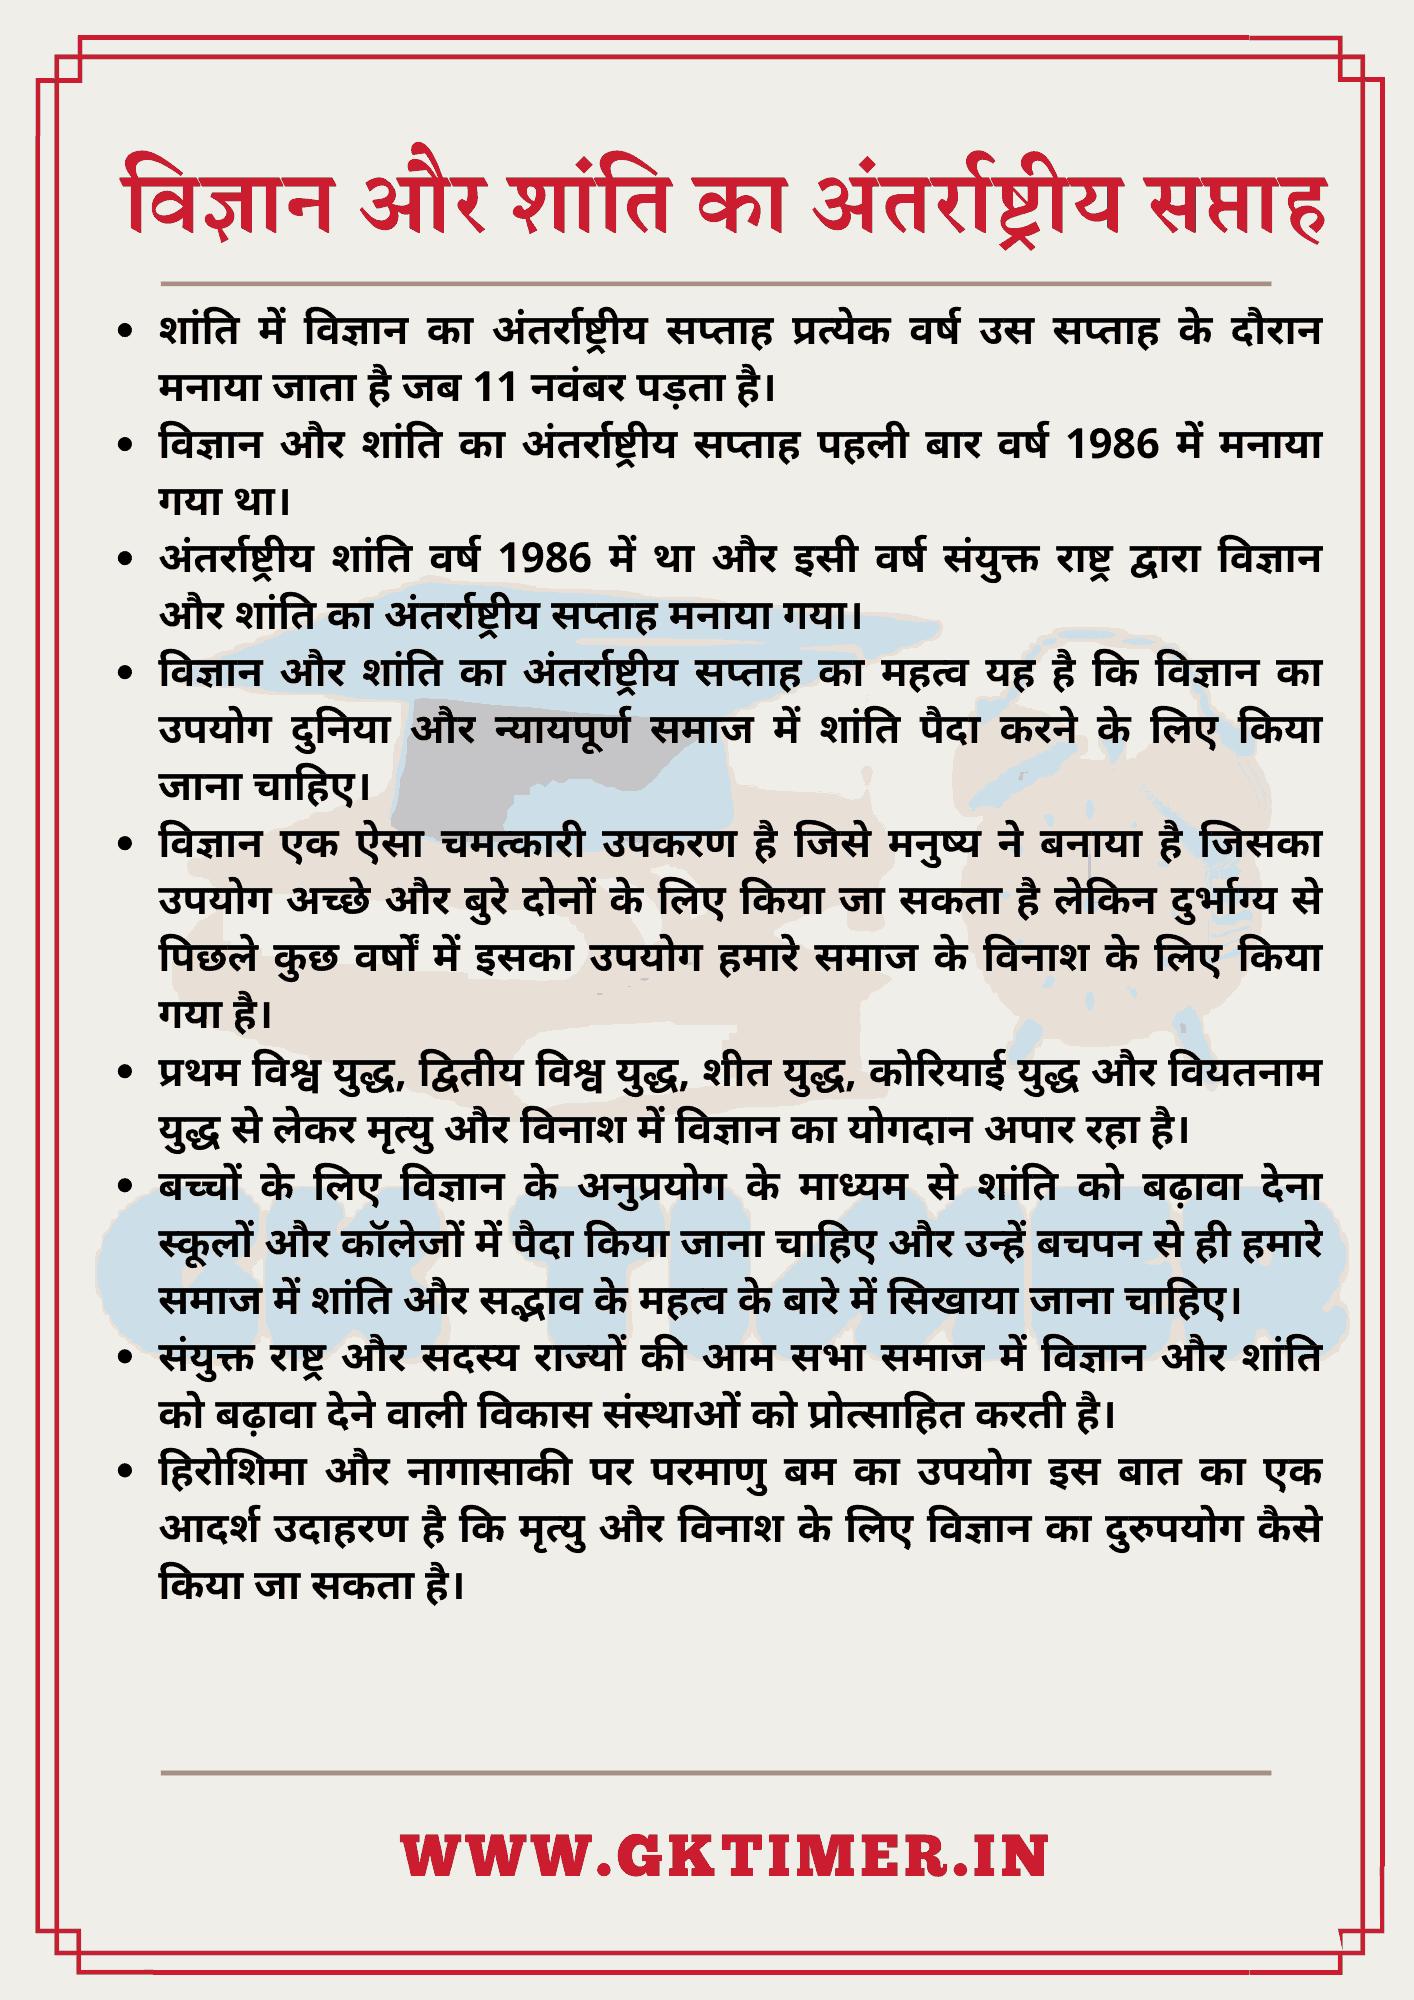 विज्ञान और शांति का अंतर्राष्ट्रीय सप्ताह पर निबंध | Essay on International Week of Science and Peace in Hindi | 10 Lines on International Week of Science and Peace in Hindi